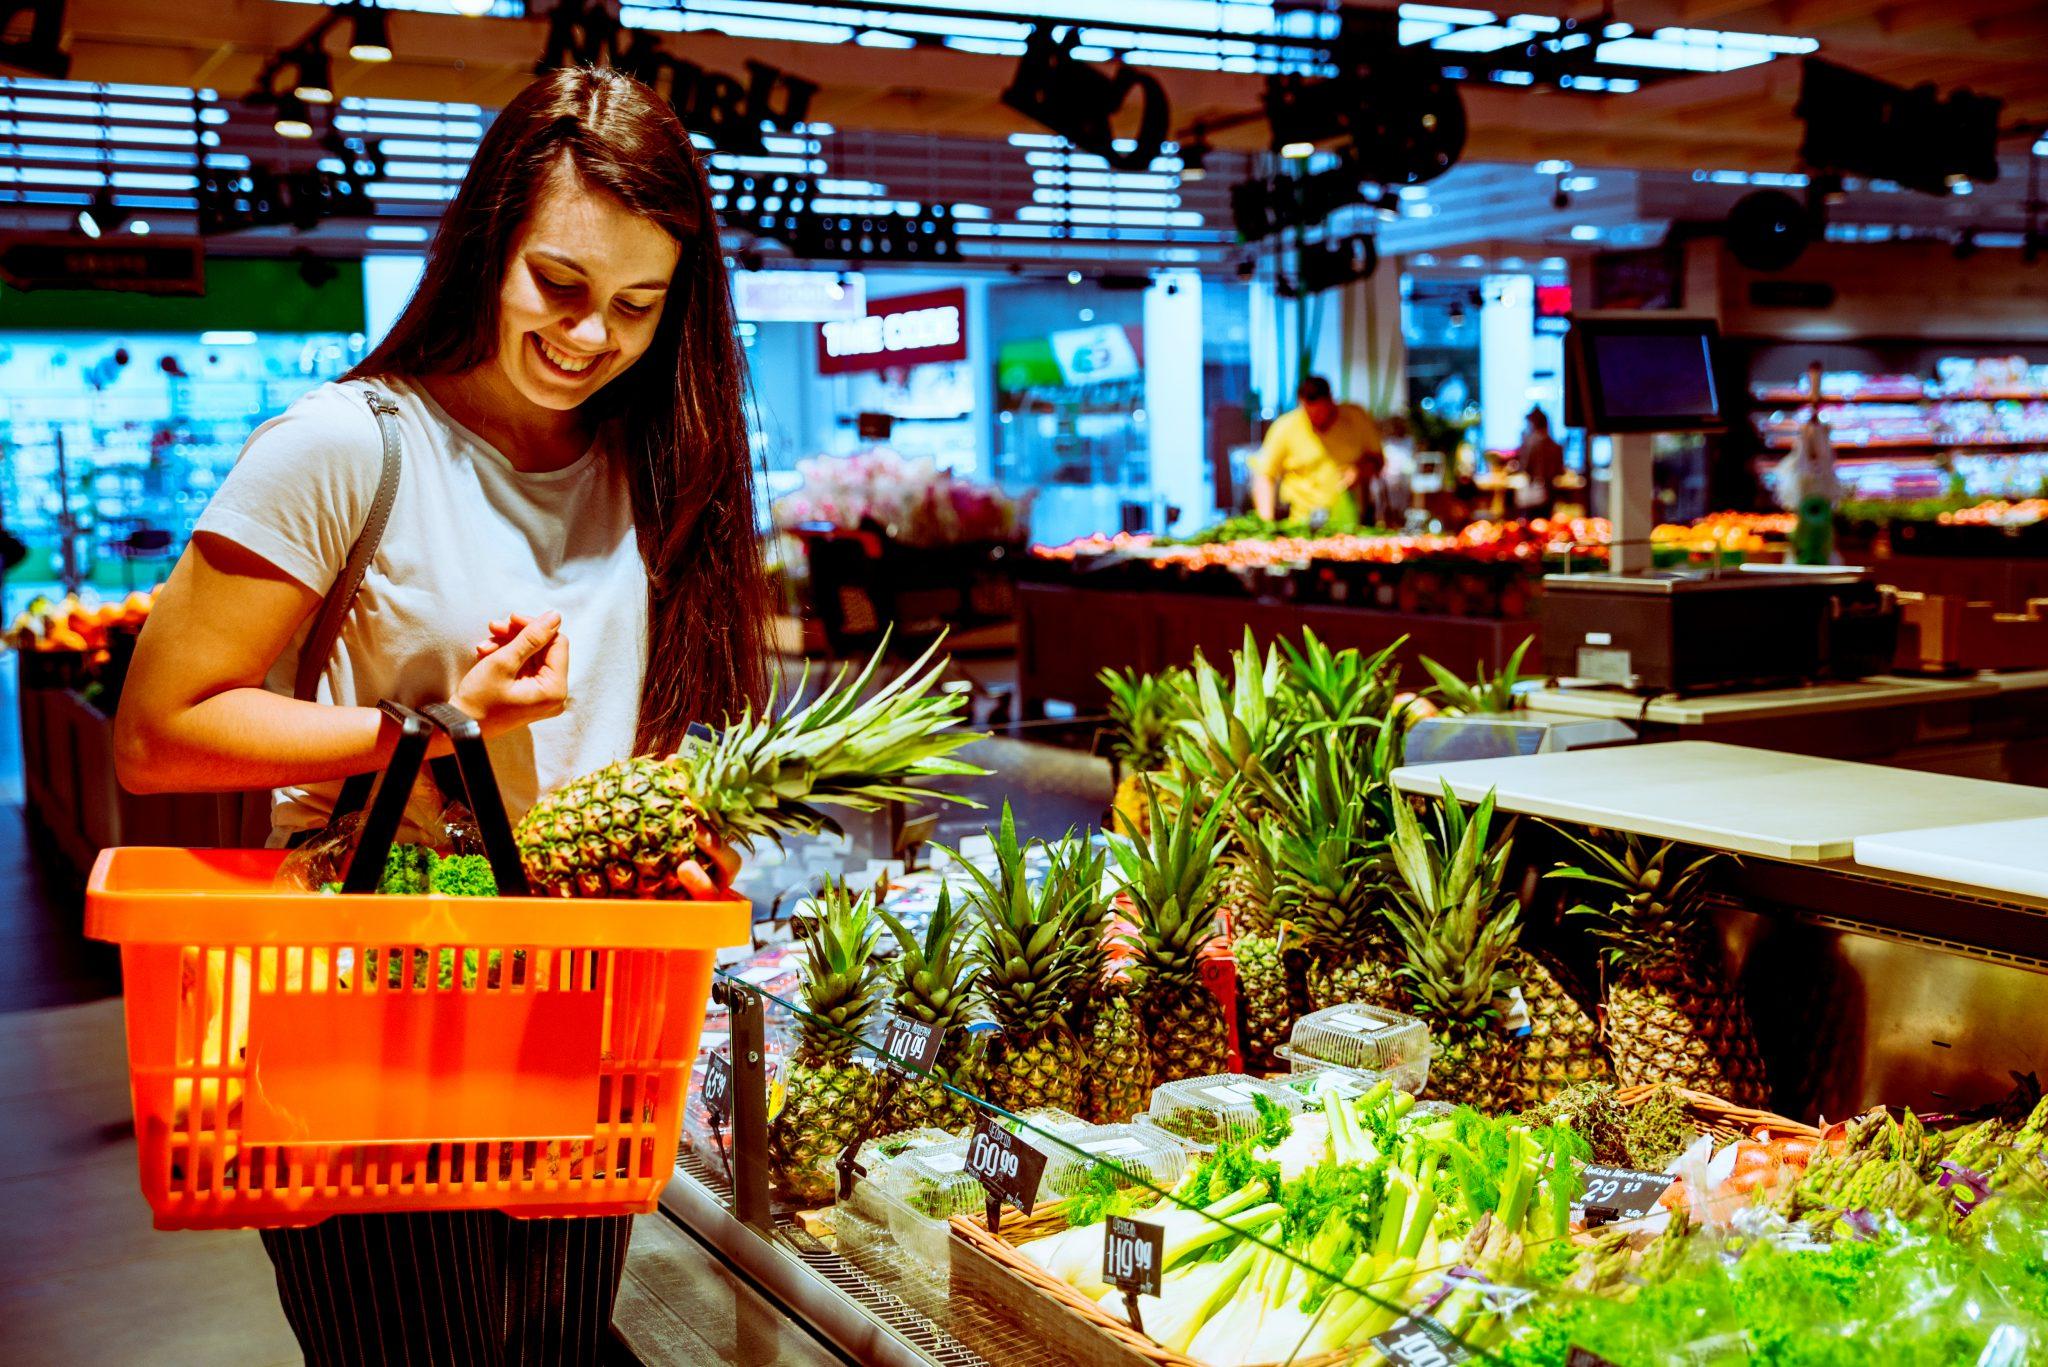 パイナップルをスーパーで買っている女性